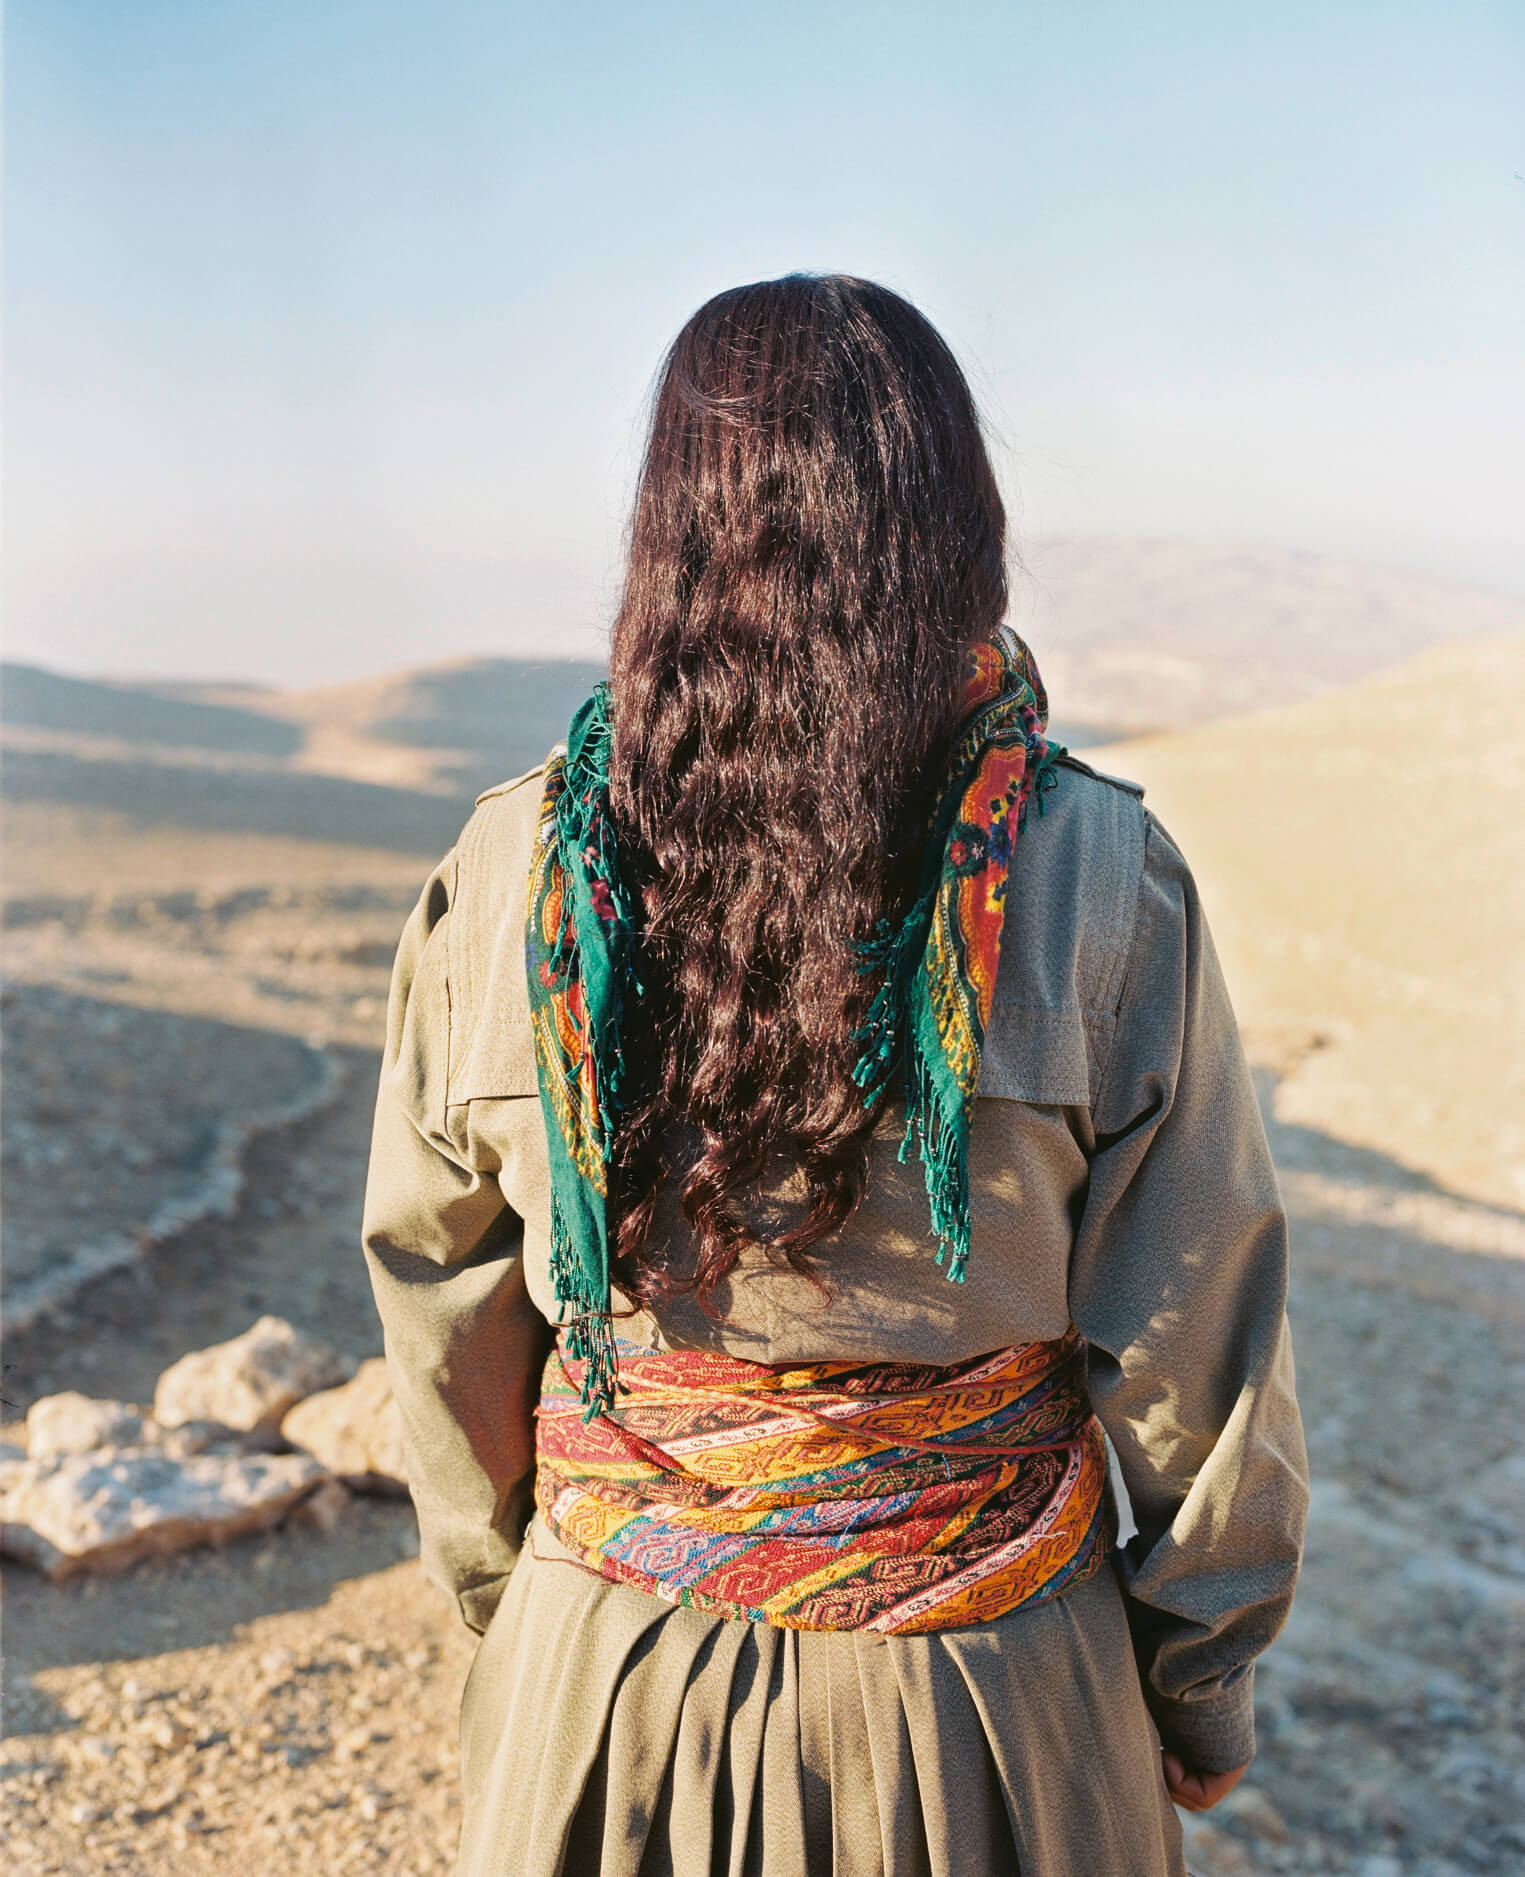 Jin, Jiyan, Azadi - Frauen, Leben, Freiheit - die kurdischen Freiheitskämpferinnen. Fotografía: Sonja Hamad